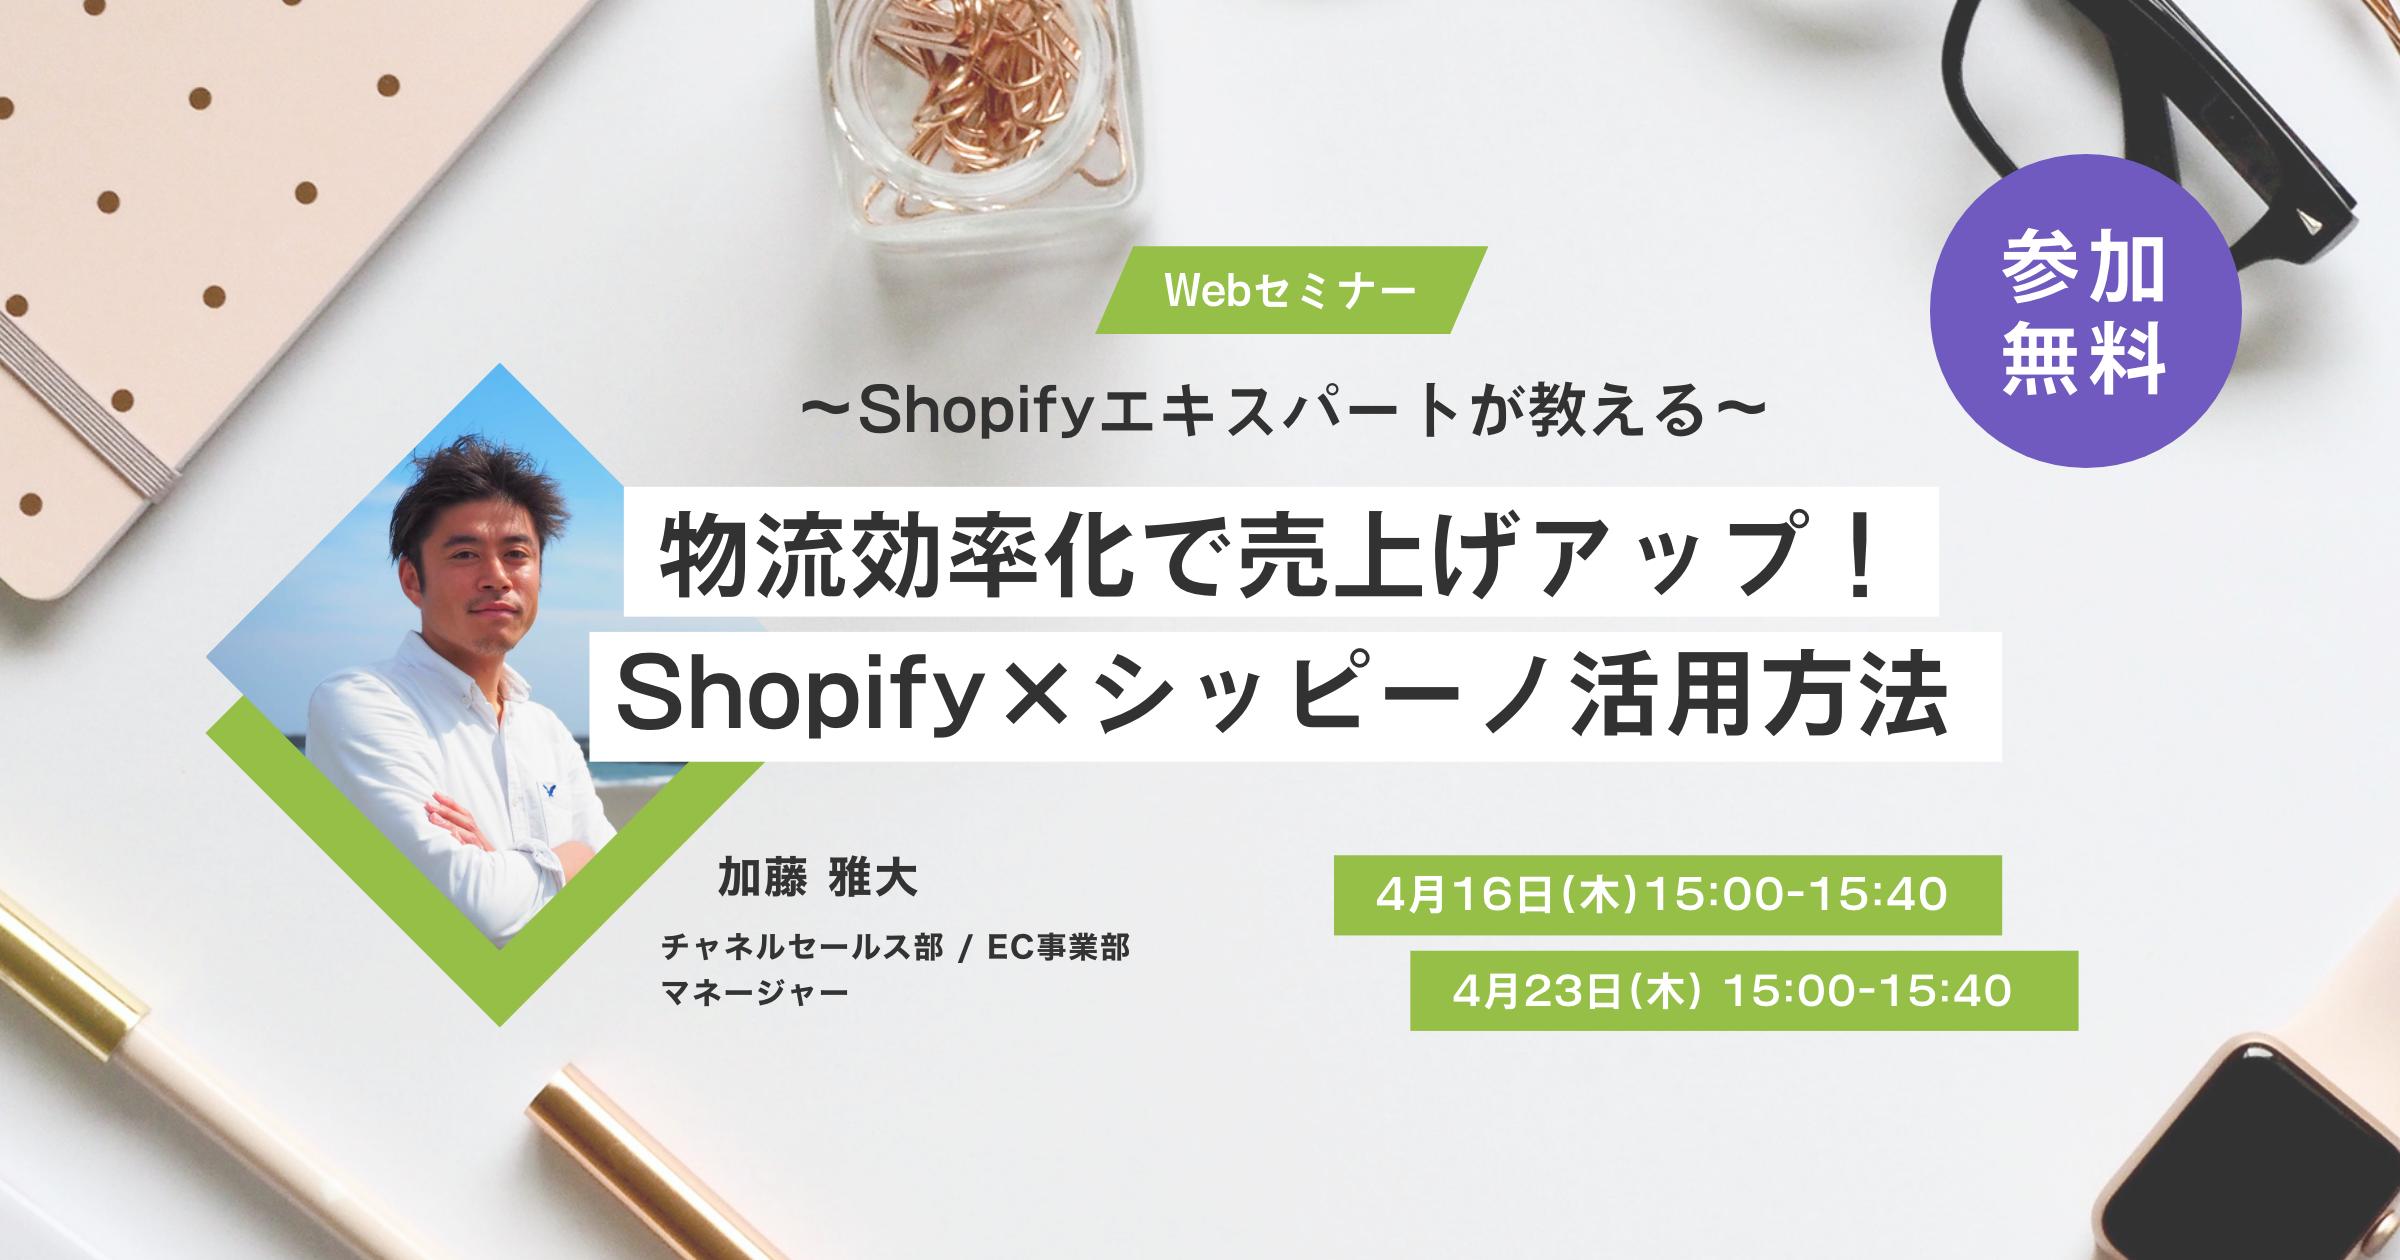 Shopify_webseminar01.png